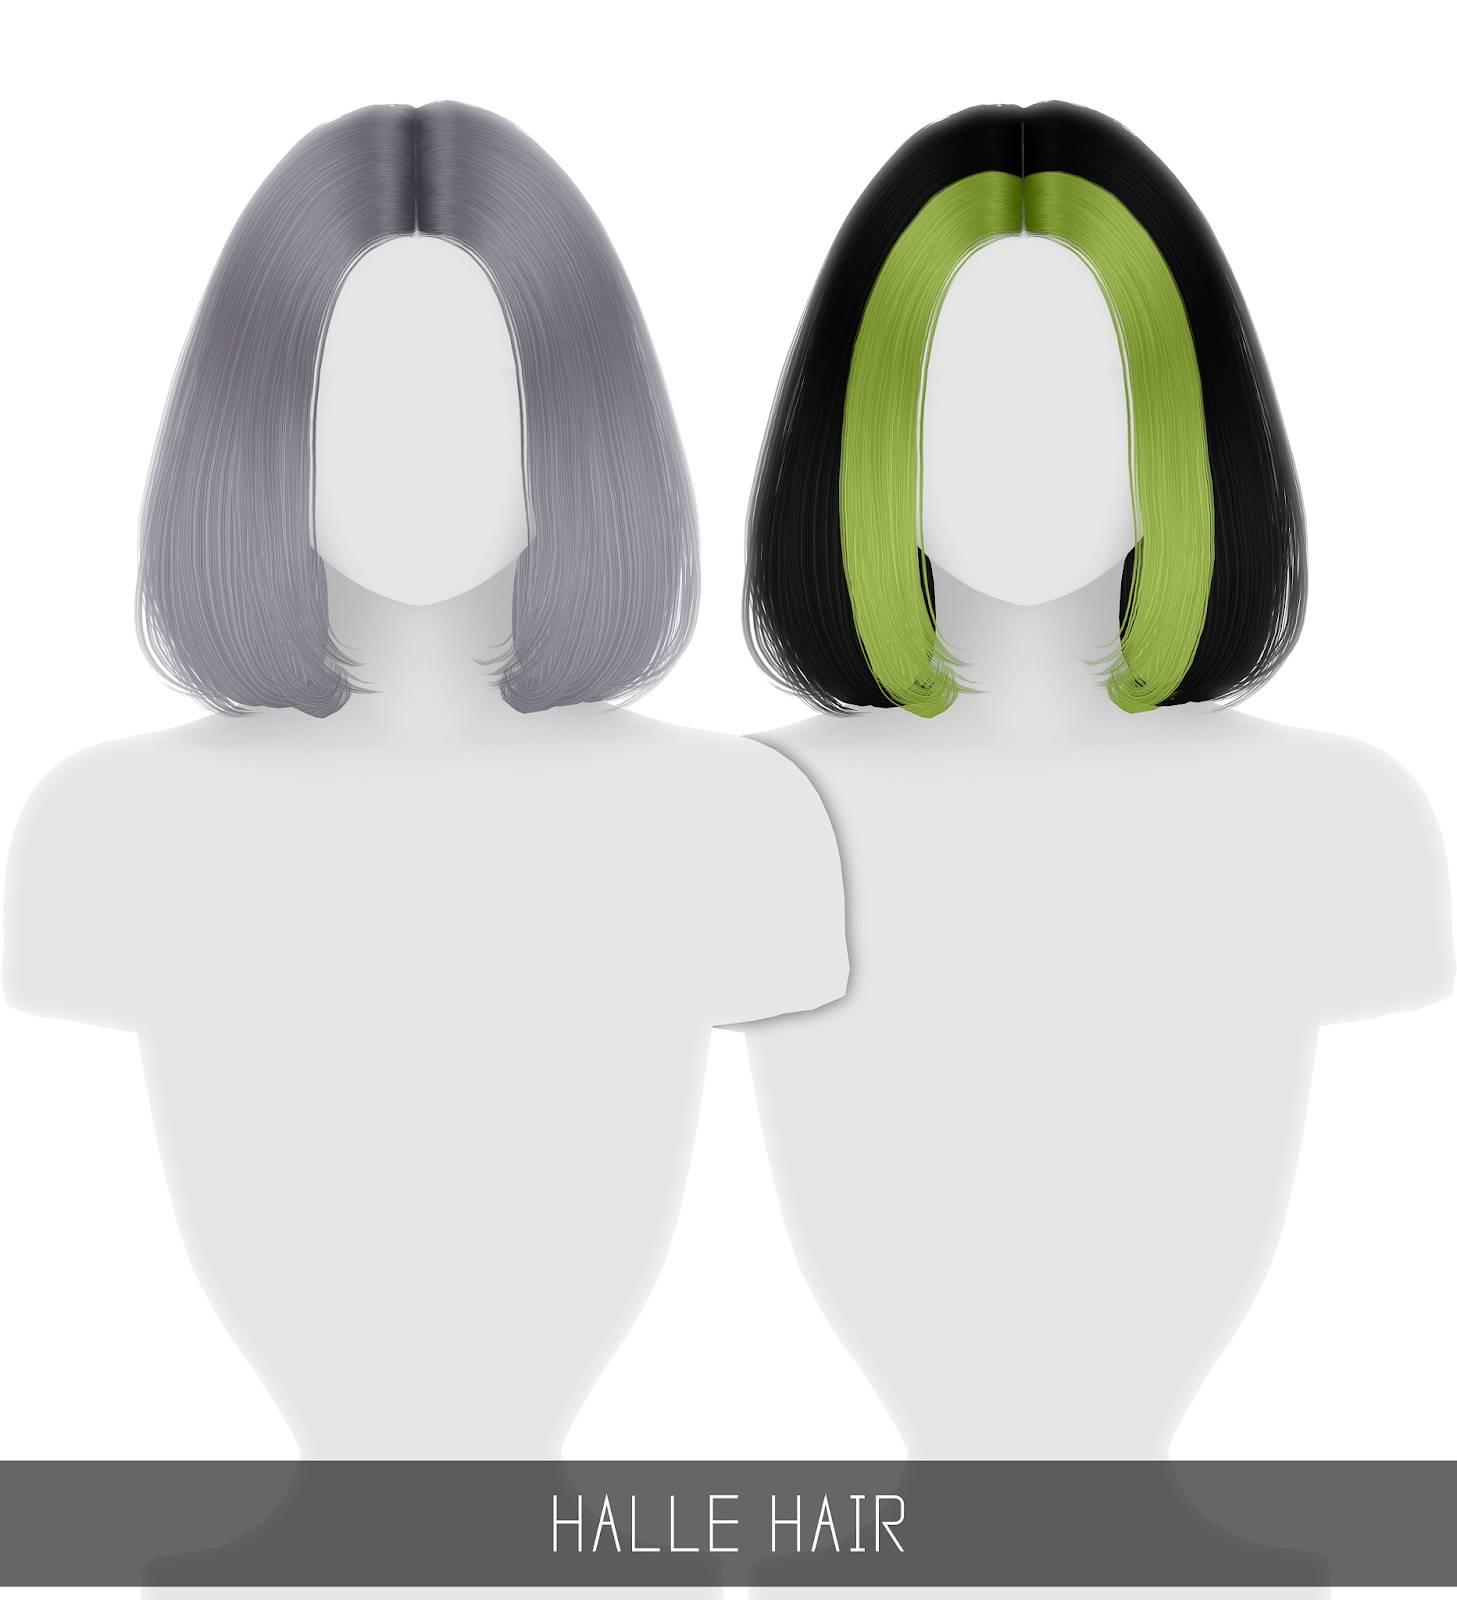 Прическа для женщин, детей и тоддлеров - HALLE HAIR